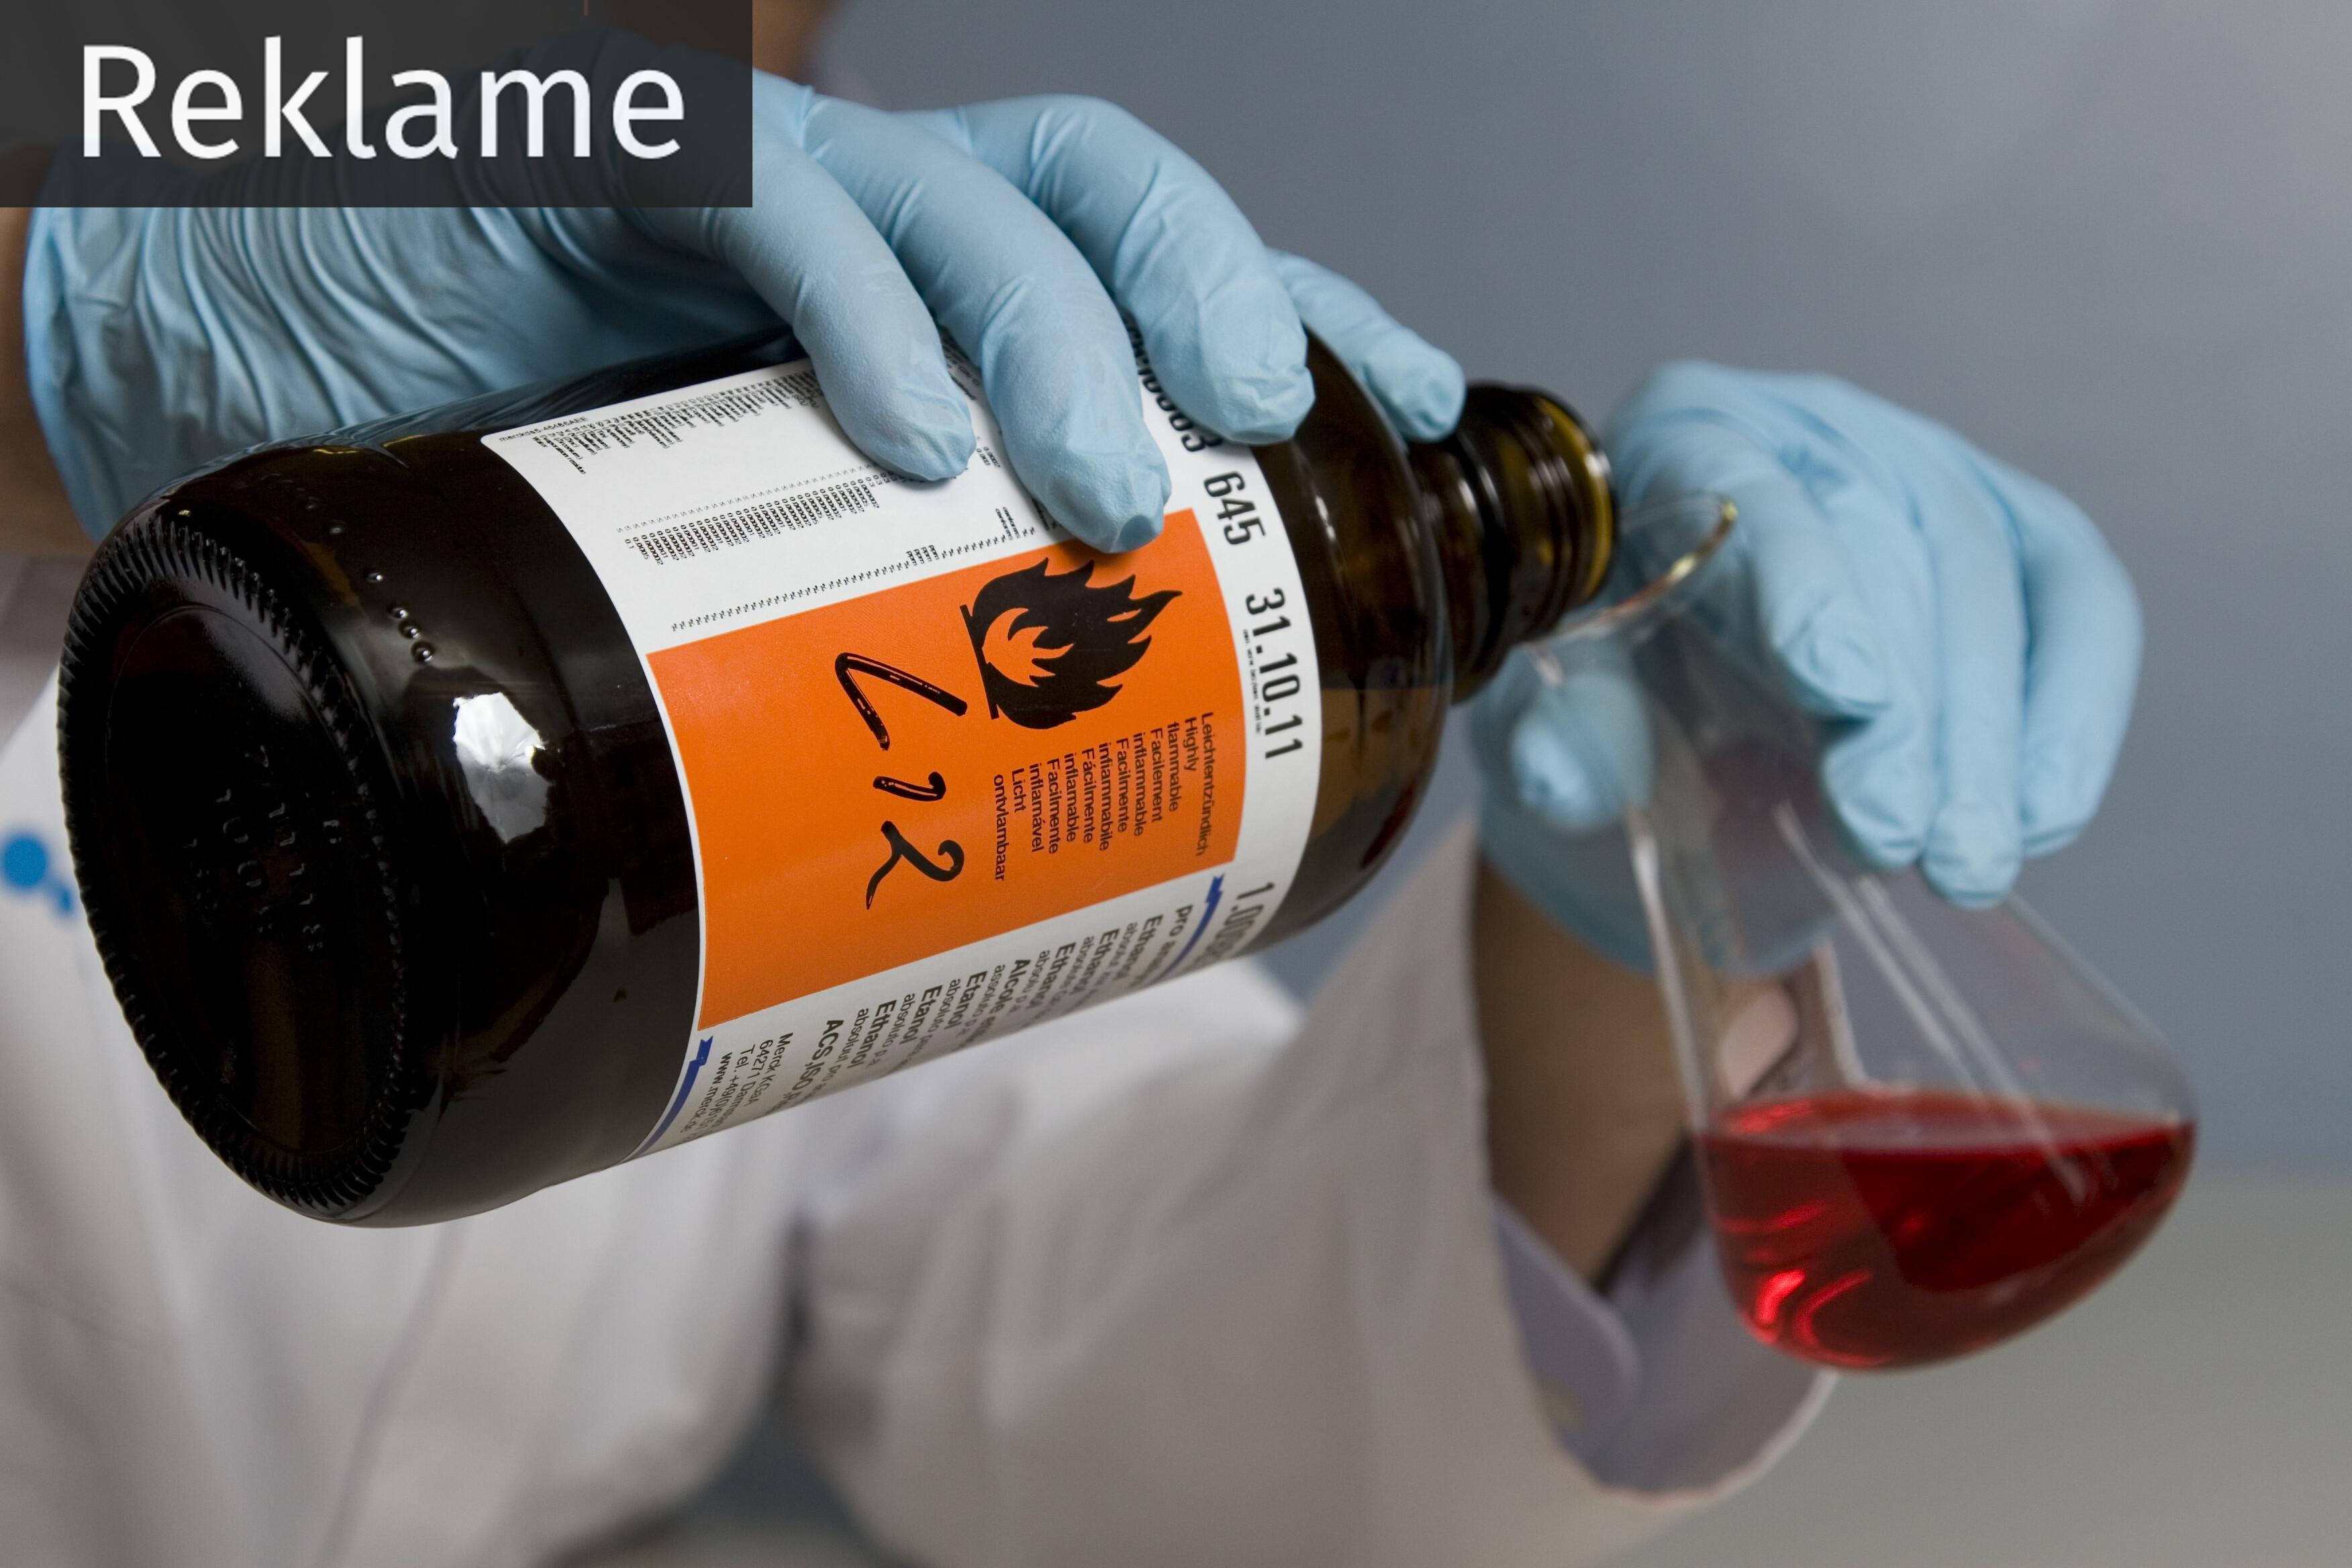 Undgå farlig kemi med naturlig hudpleje